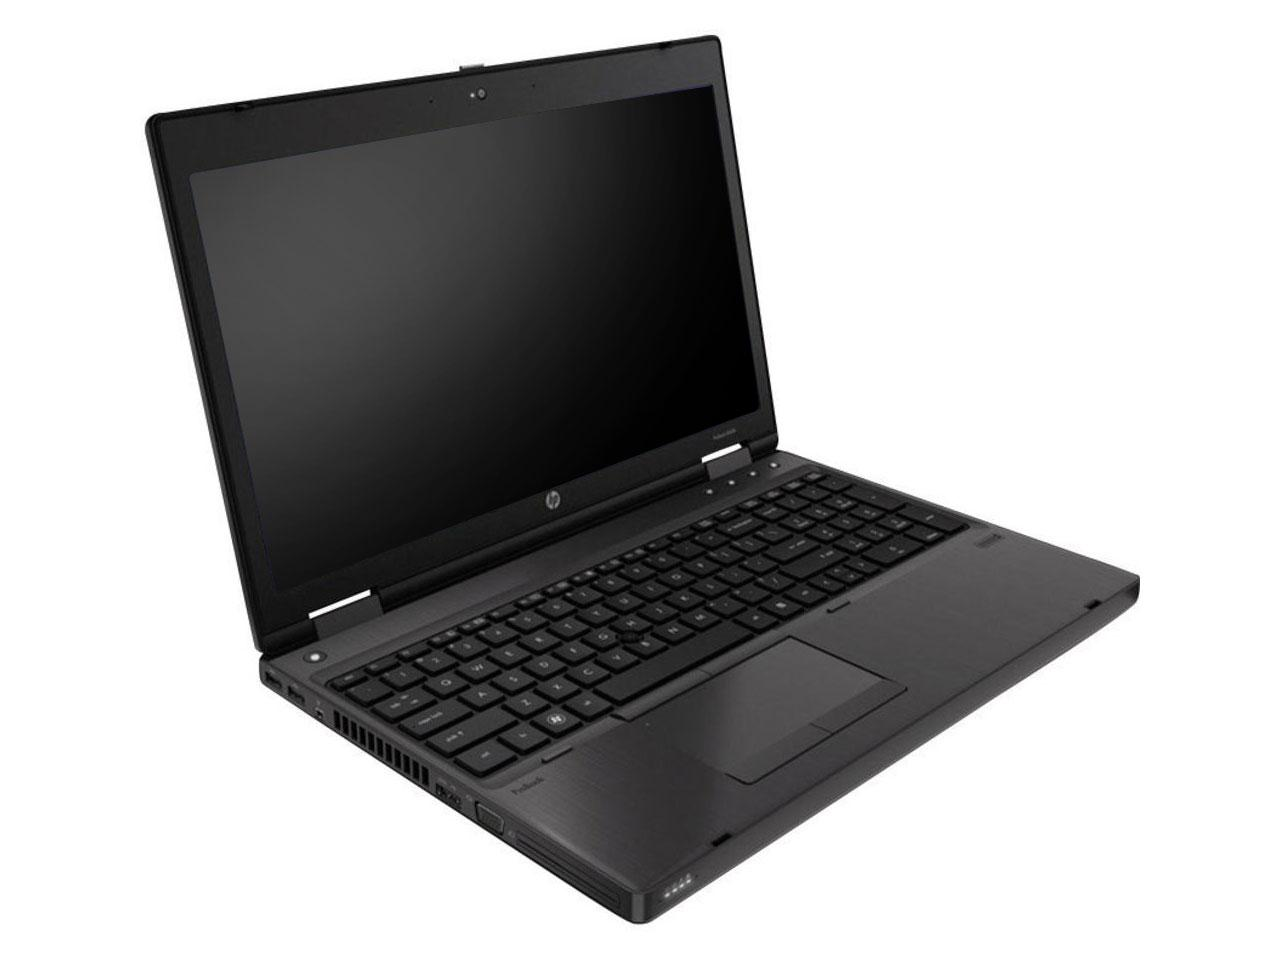 Hewlett Packard ProBook 6560b  - shop.bb-net.de